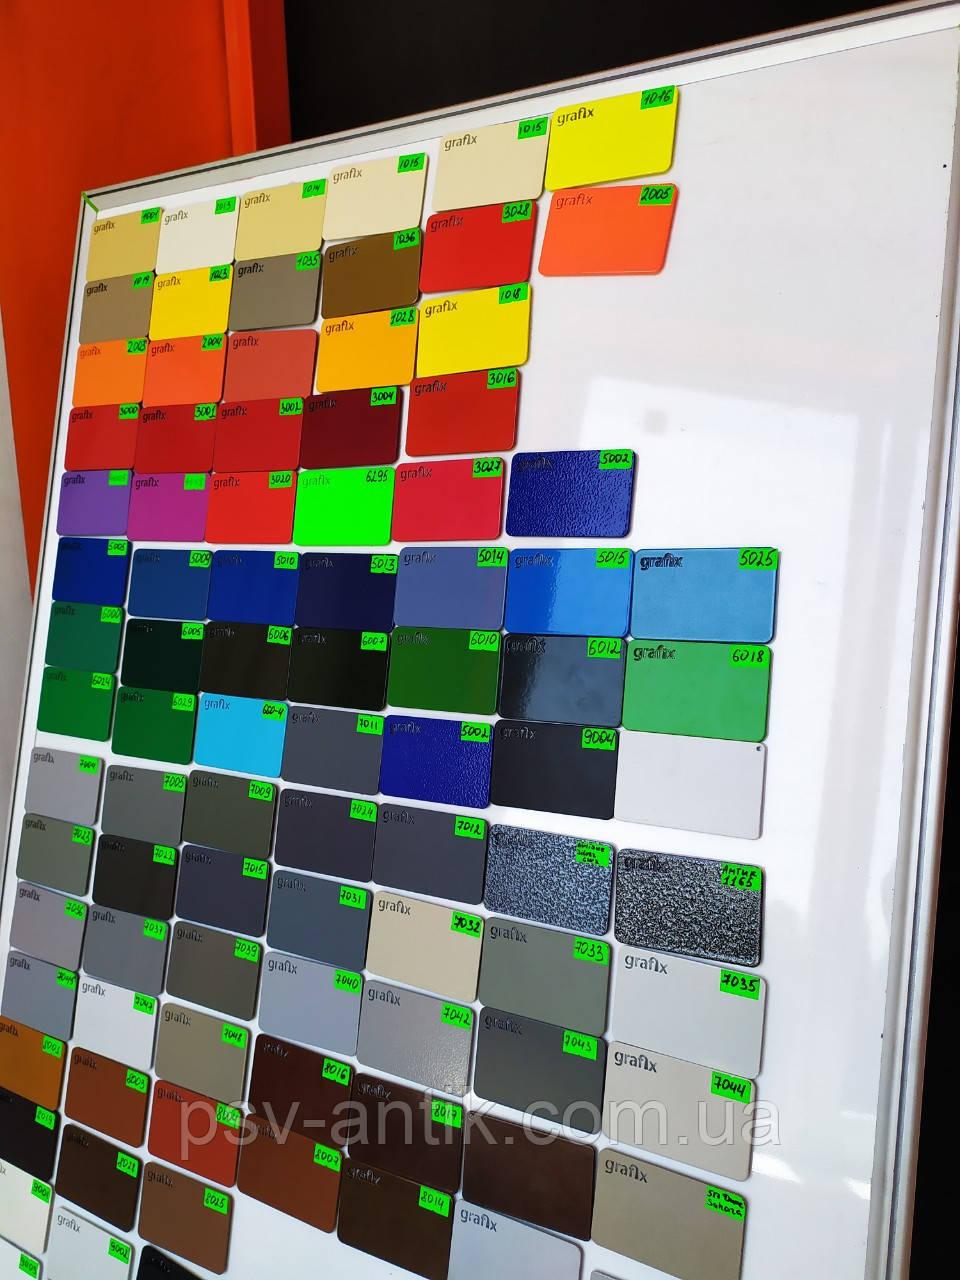 Порошковая краска матовая, полиэфирная, архитектурная, 612